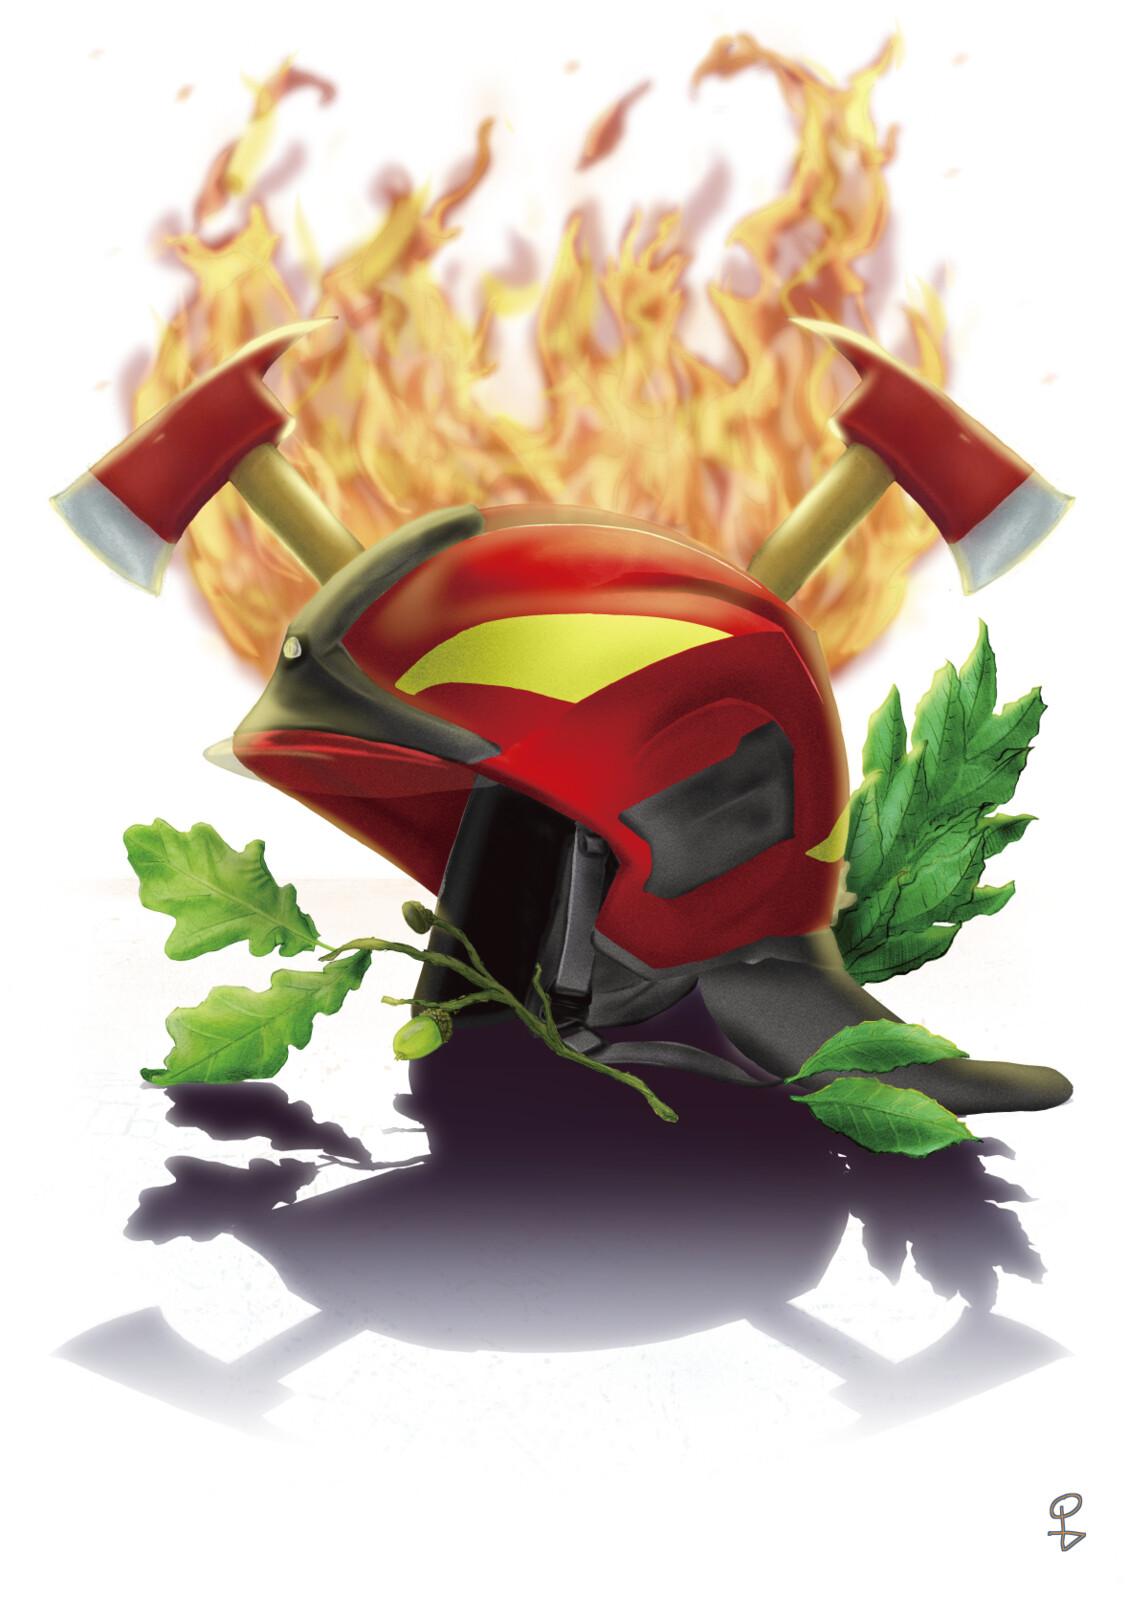 Firefighter's Logo Redesigned